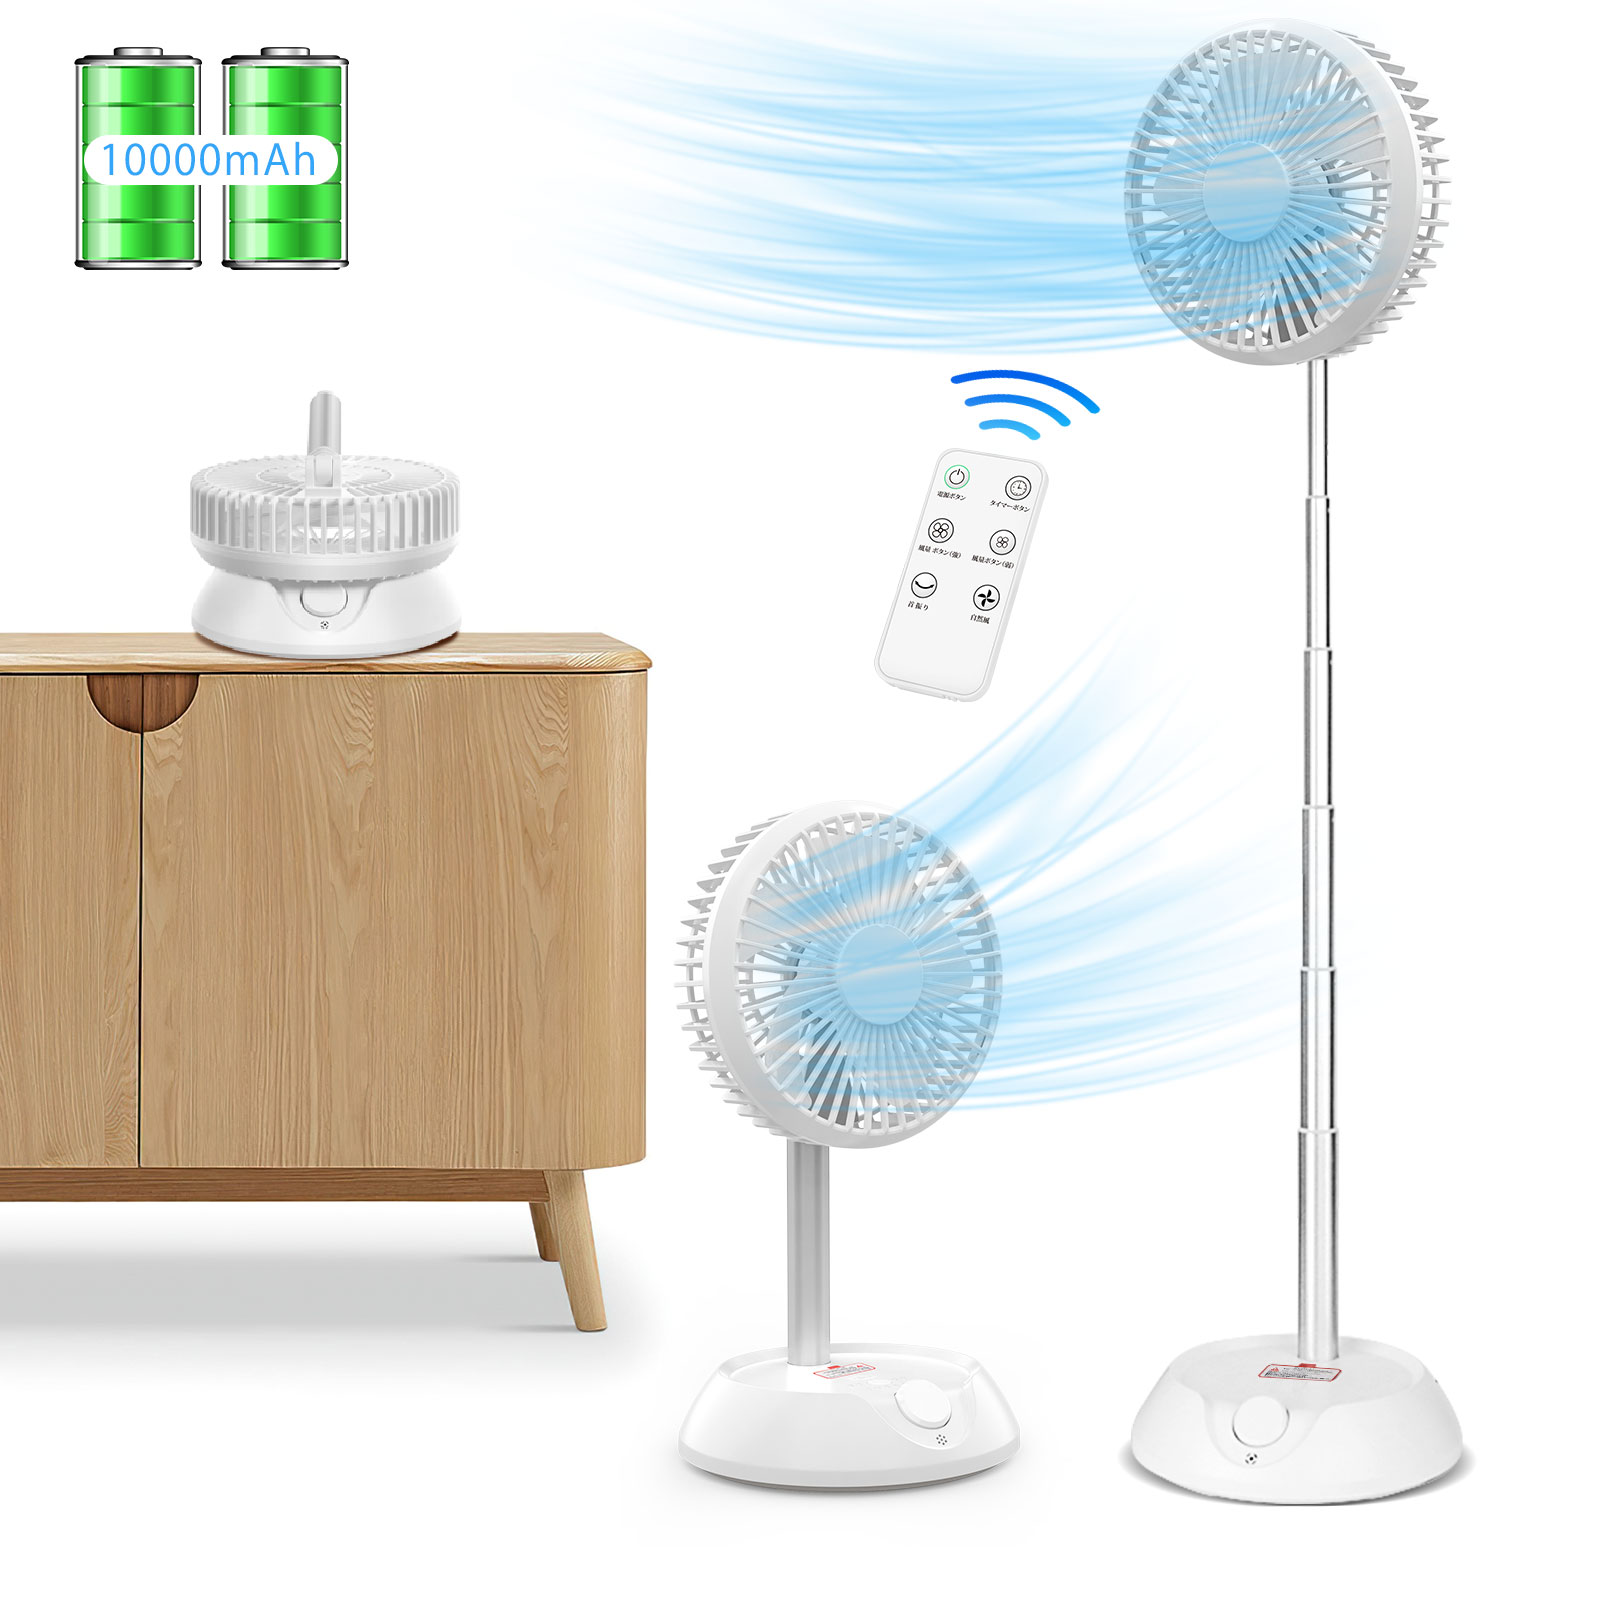 2021改良版 国内即発送 充電式 折り畳み USB 暑さ対策 梅雨対策 静音 3段階風量 1 2 4 本物 8H OFFタイマー 扇風機 折りたたみ扇風機 おしゃれ スタンドファン 10000mAhモバイル電池 サーキュレーター 自動首振り PSE認証 リビング 3way 自然風 大風量 コンパクト 卓上 3段階風量調節 コードレス